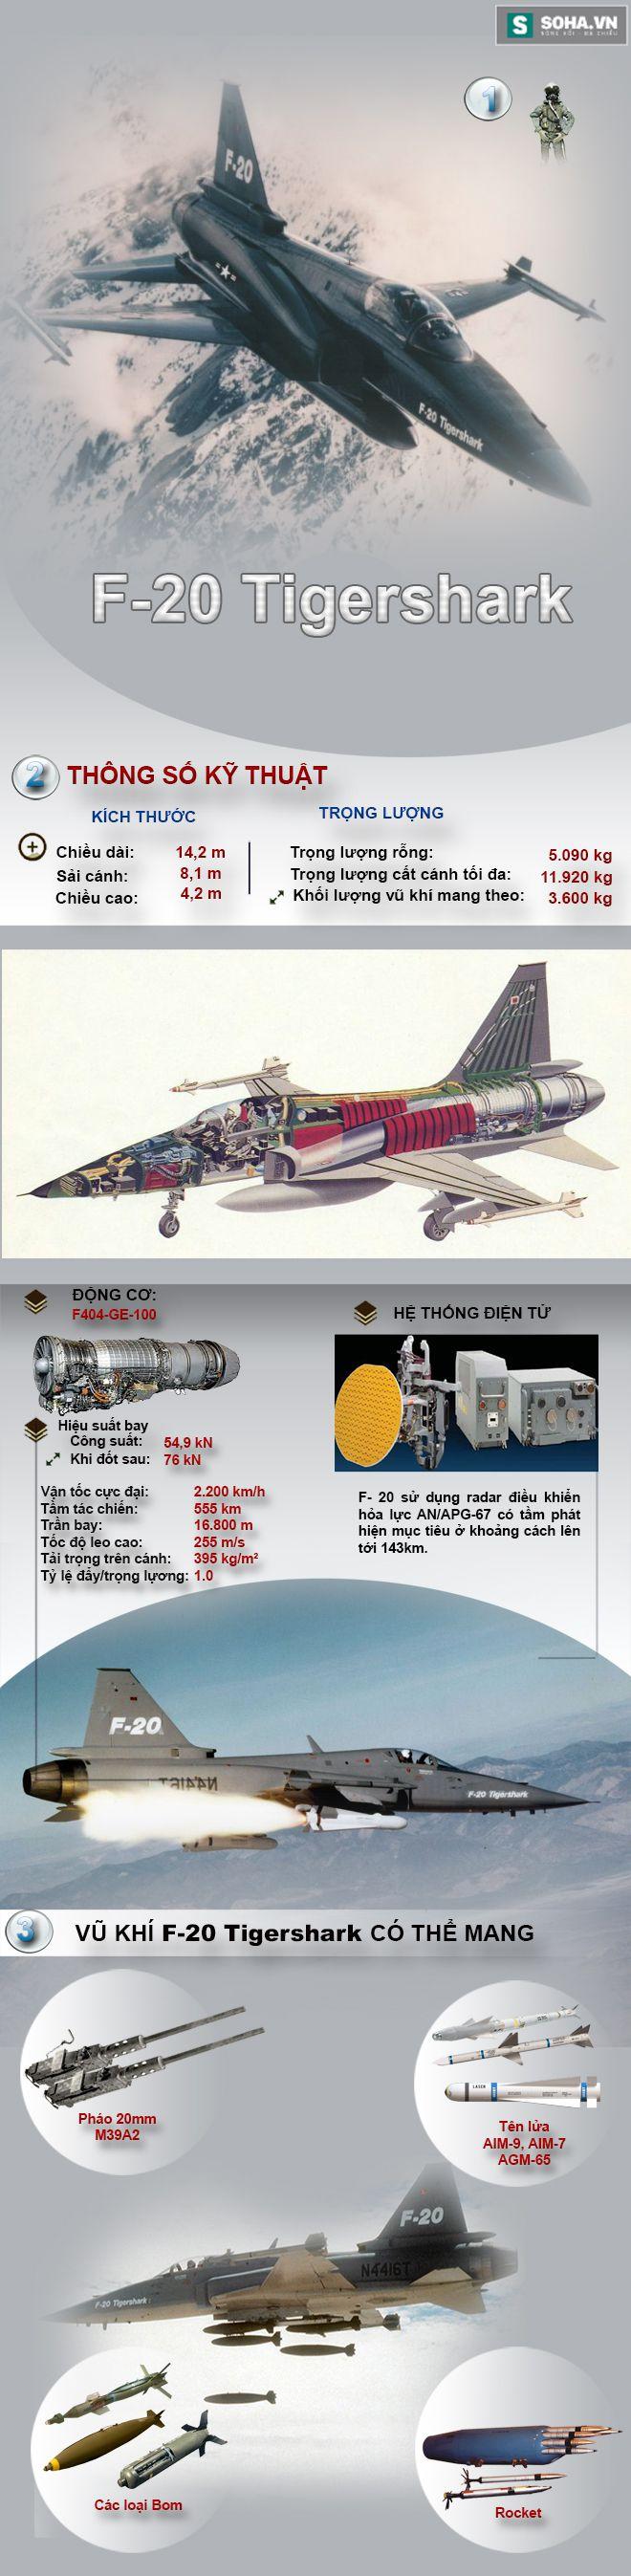 Chiếc tiêm kích được phát triển nhằm thay thế F-5E có gì đặc biệt? - Ảnh 1.